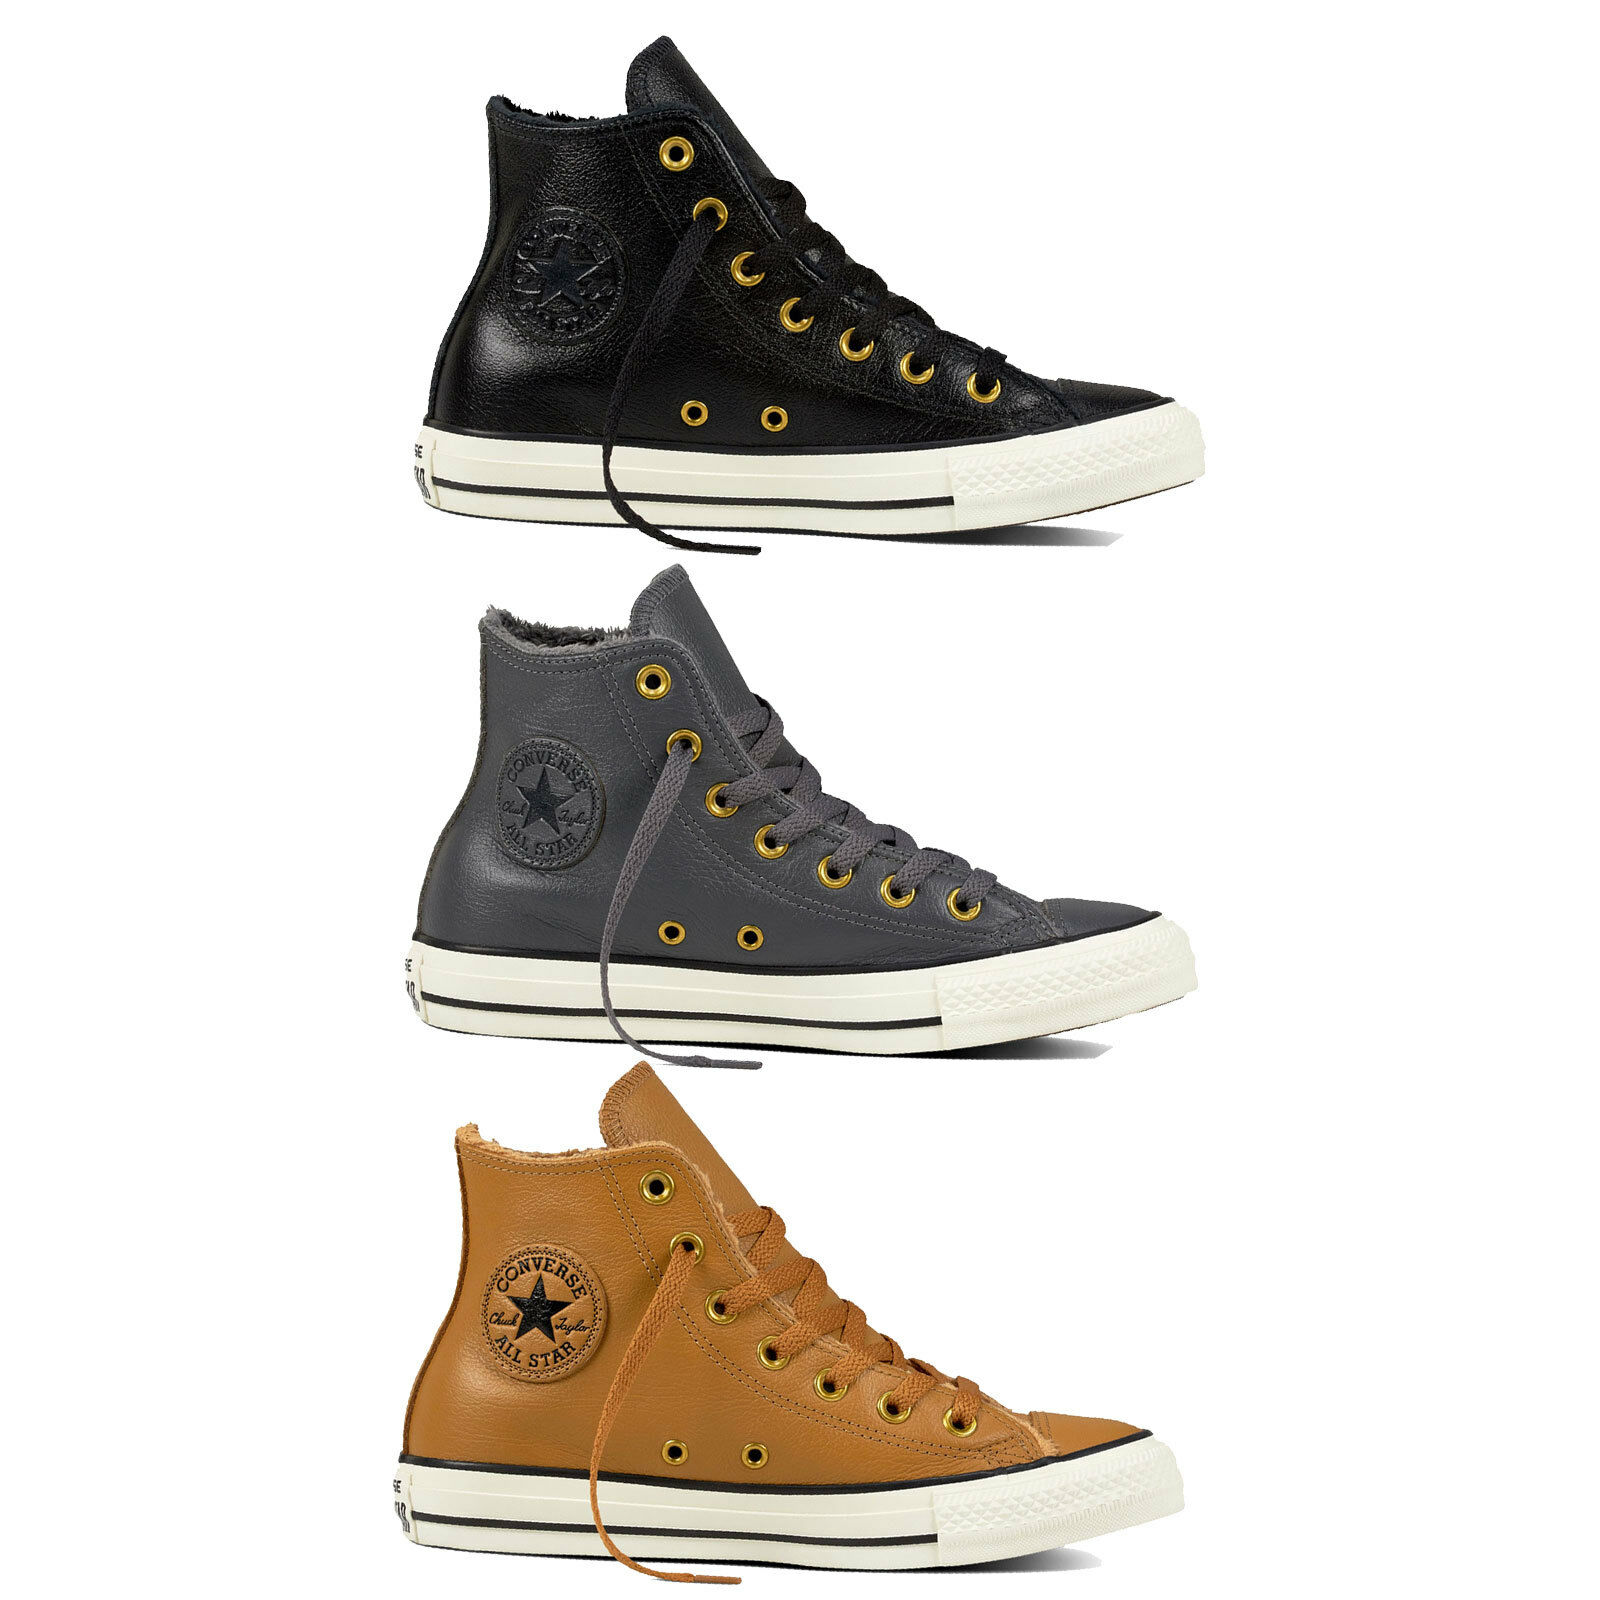 Zapatos promocionales para hombres y mujeres Converse Chuck Taylor All Star Hi Zapatos De Mujer Zapatillas Forrado invierno